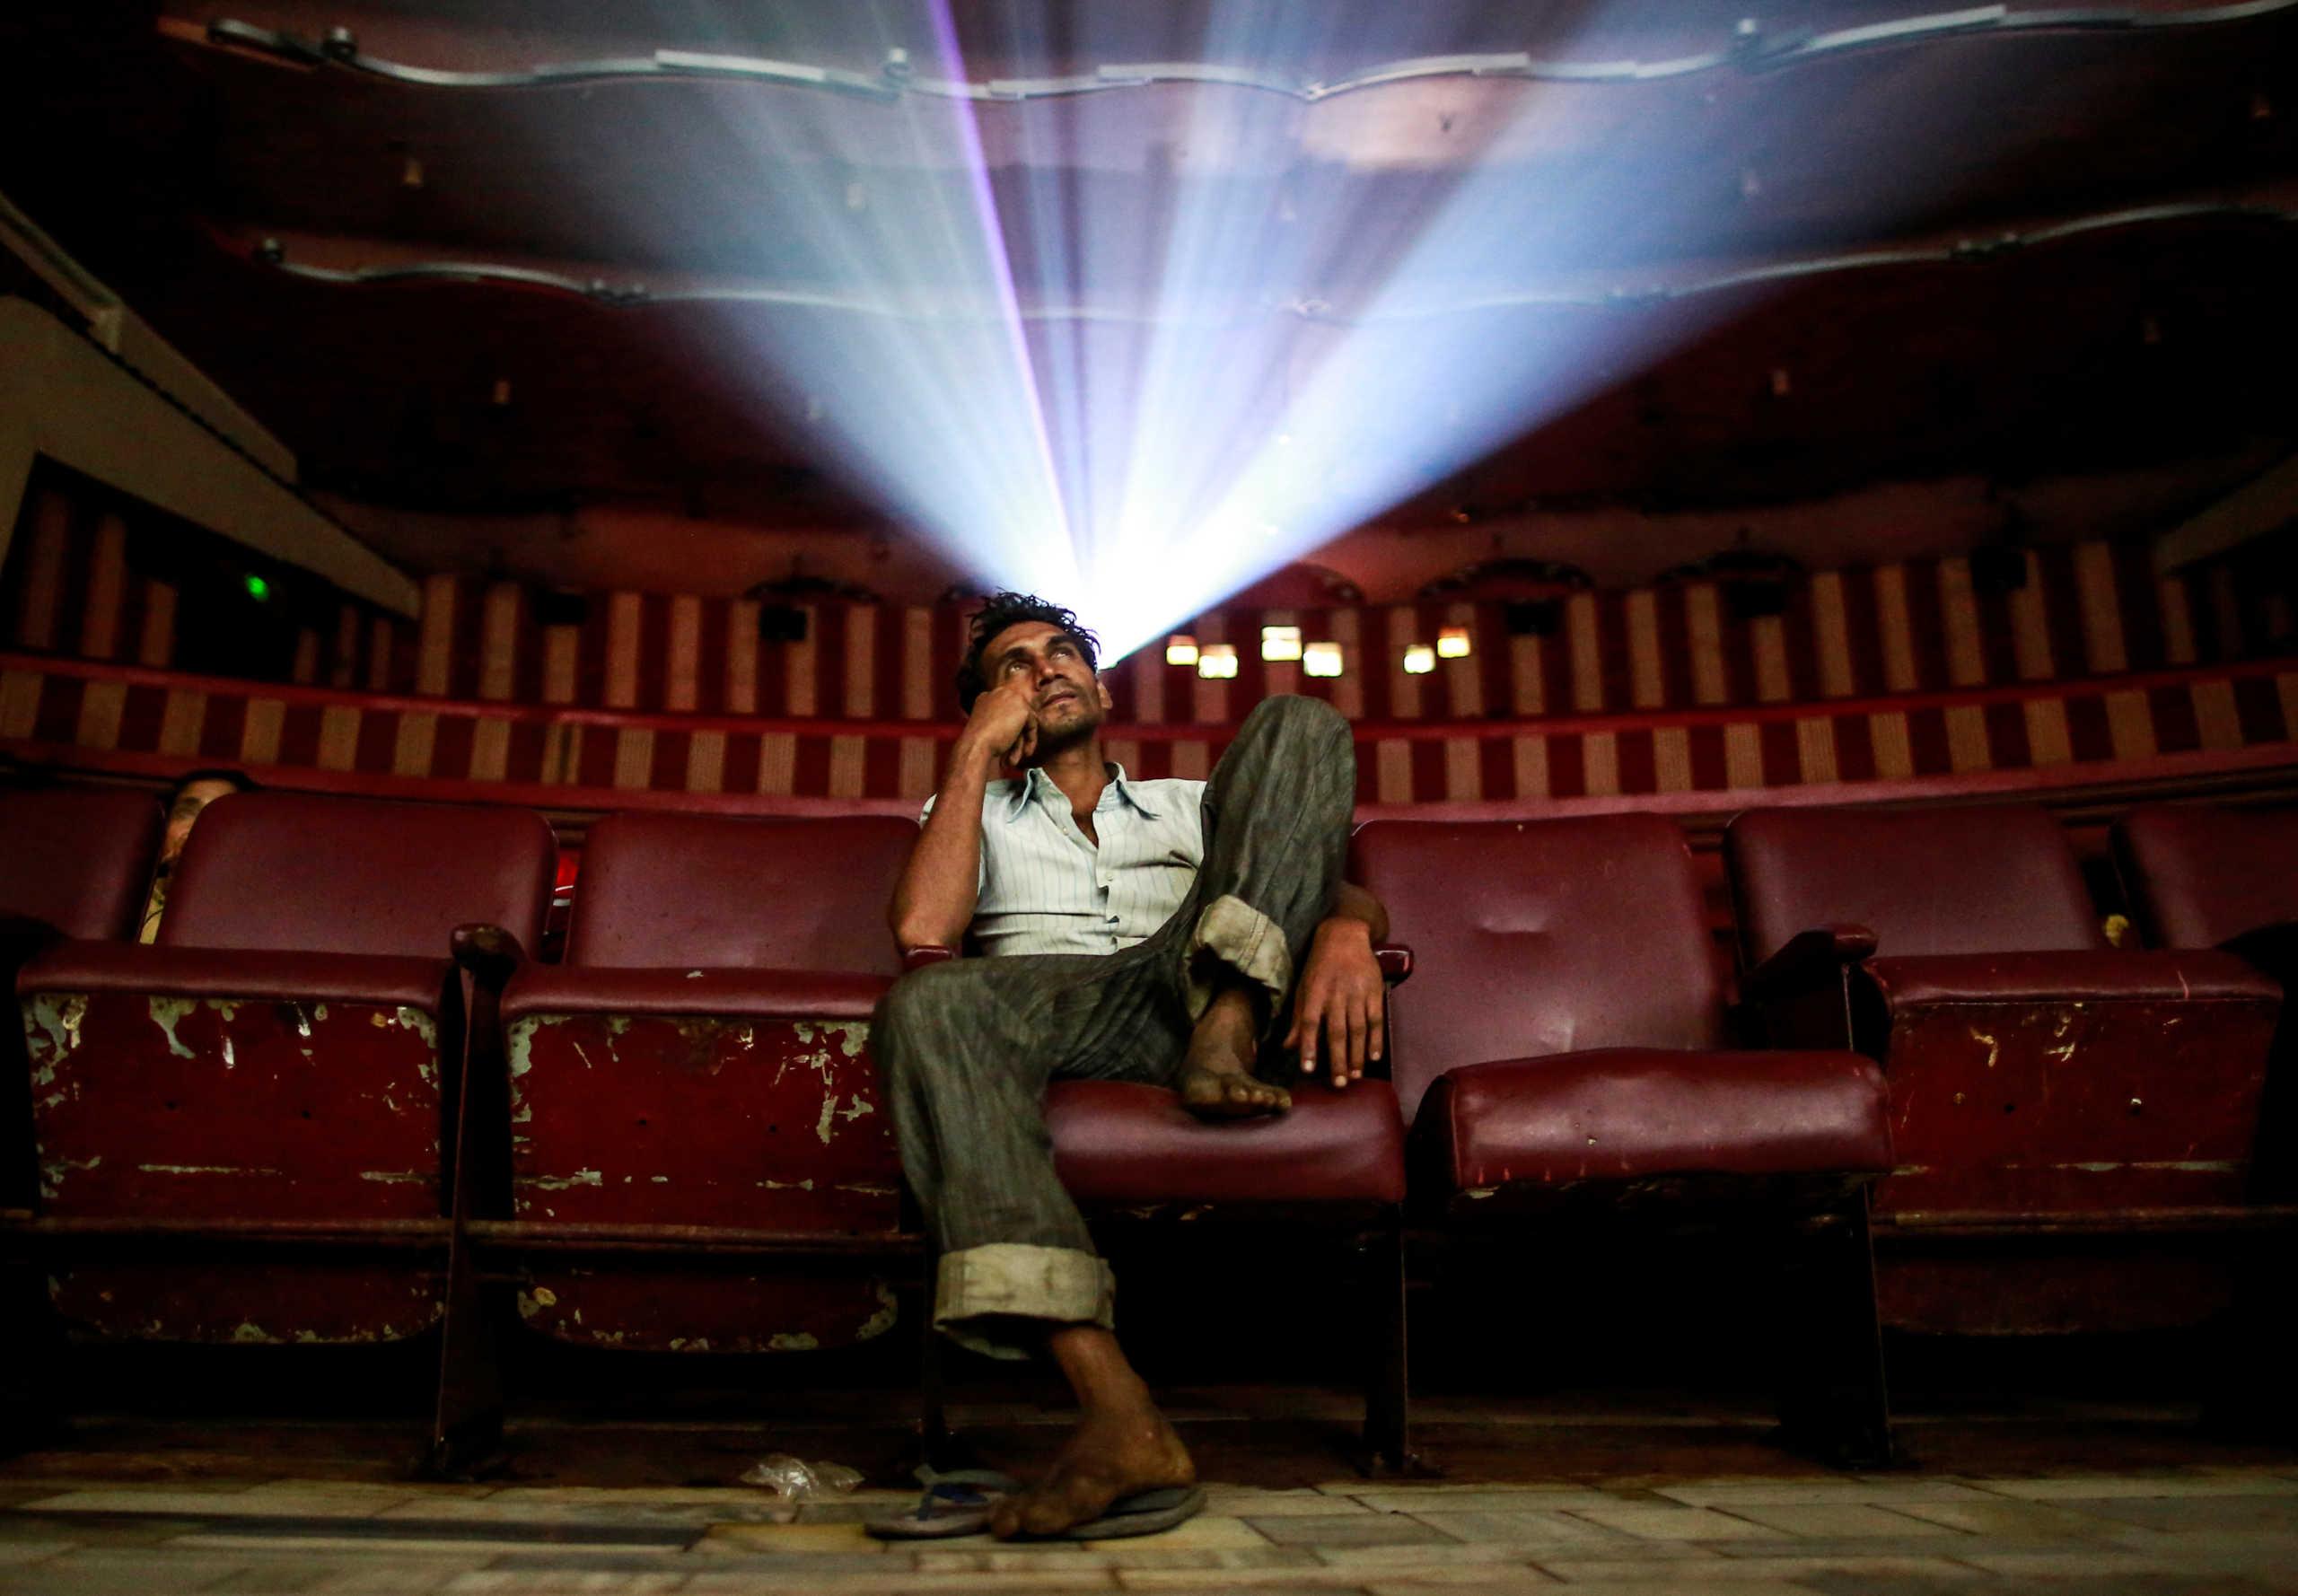 Αυτή θα είναι η πρώτη ταινία που θα προβληθεί στους κινηματογράφους μετά την επαναλειτουργίας τους